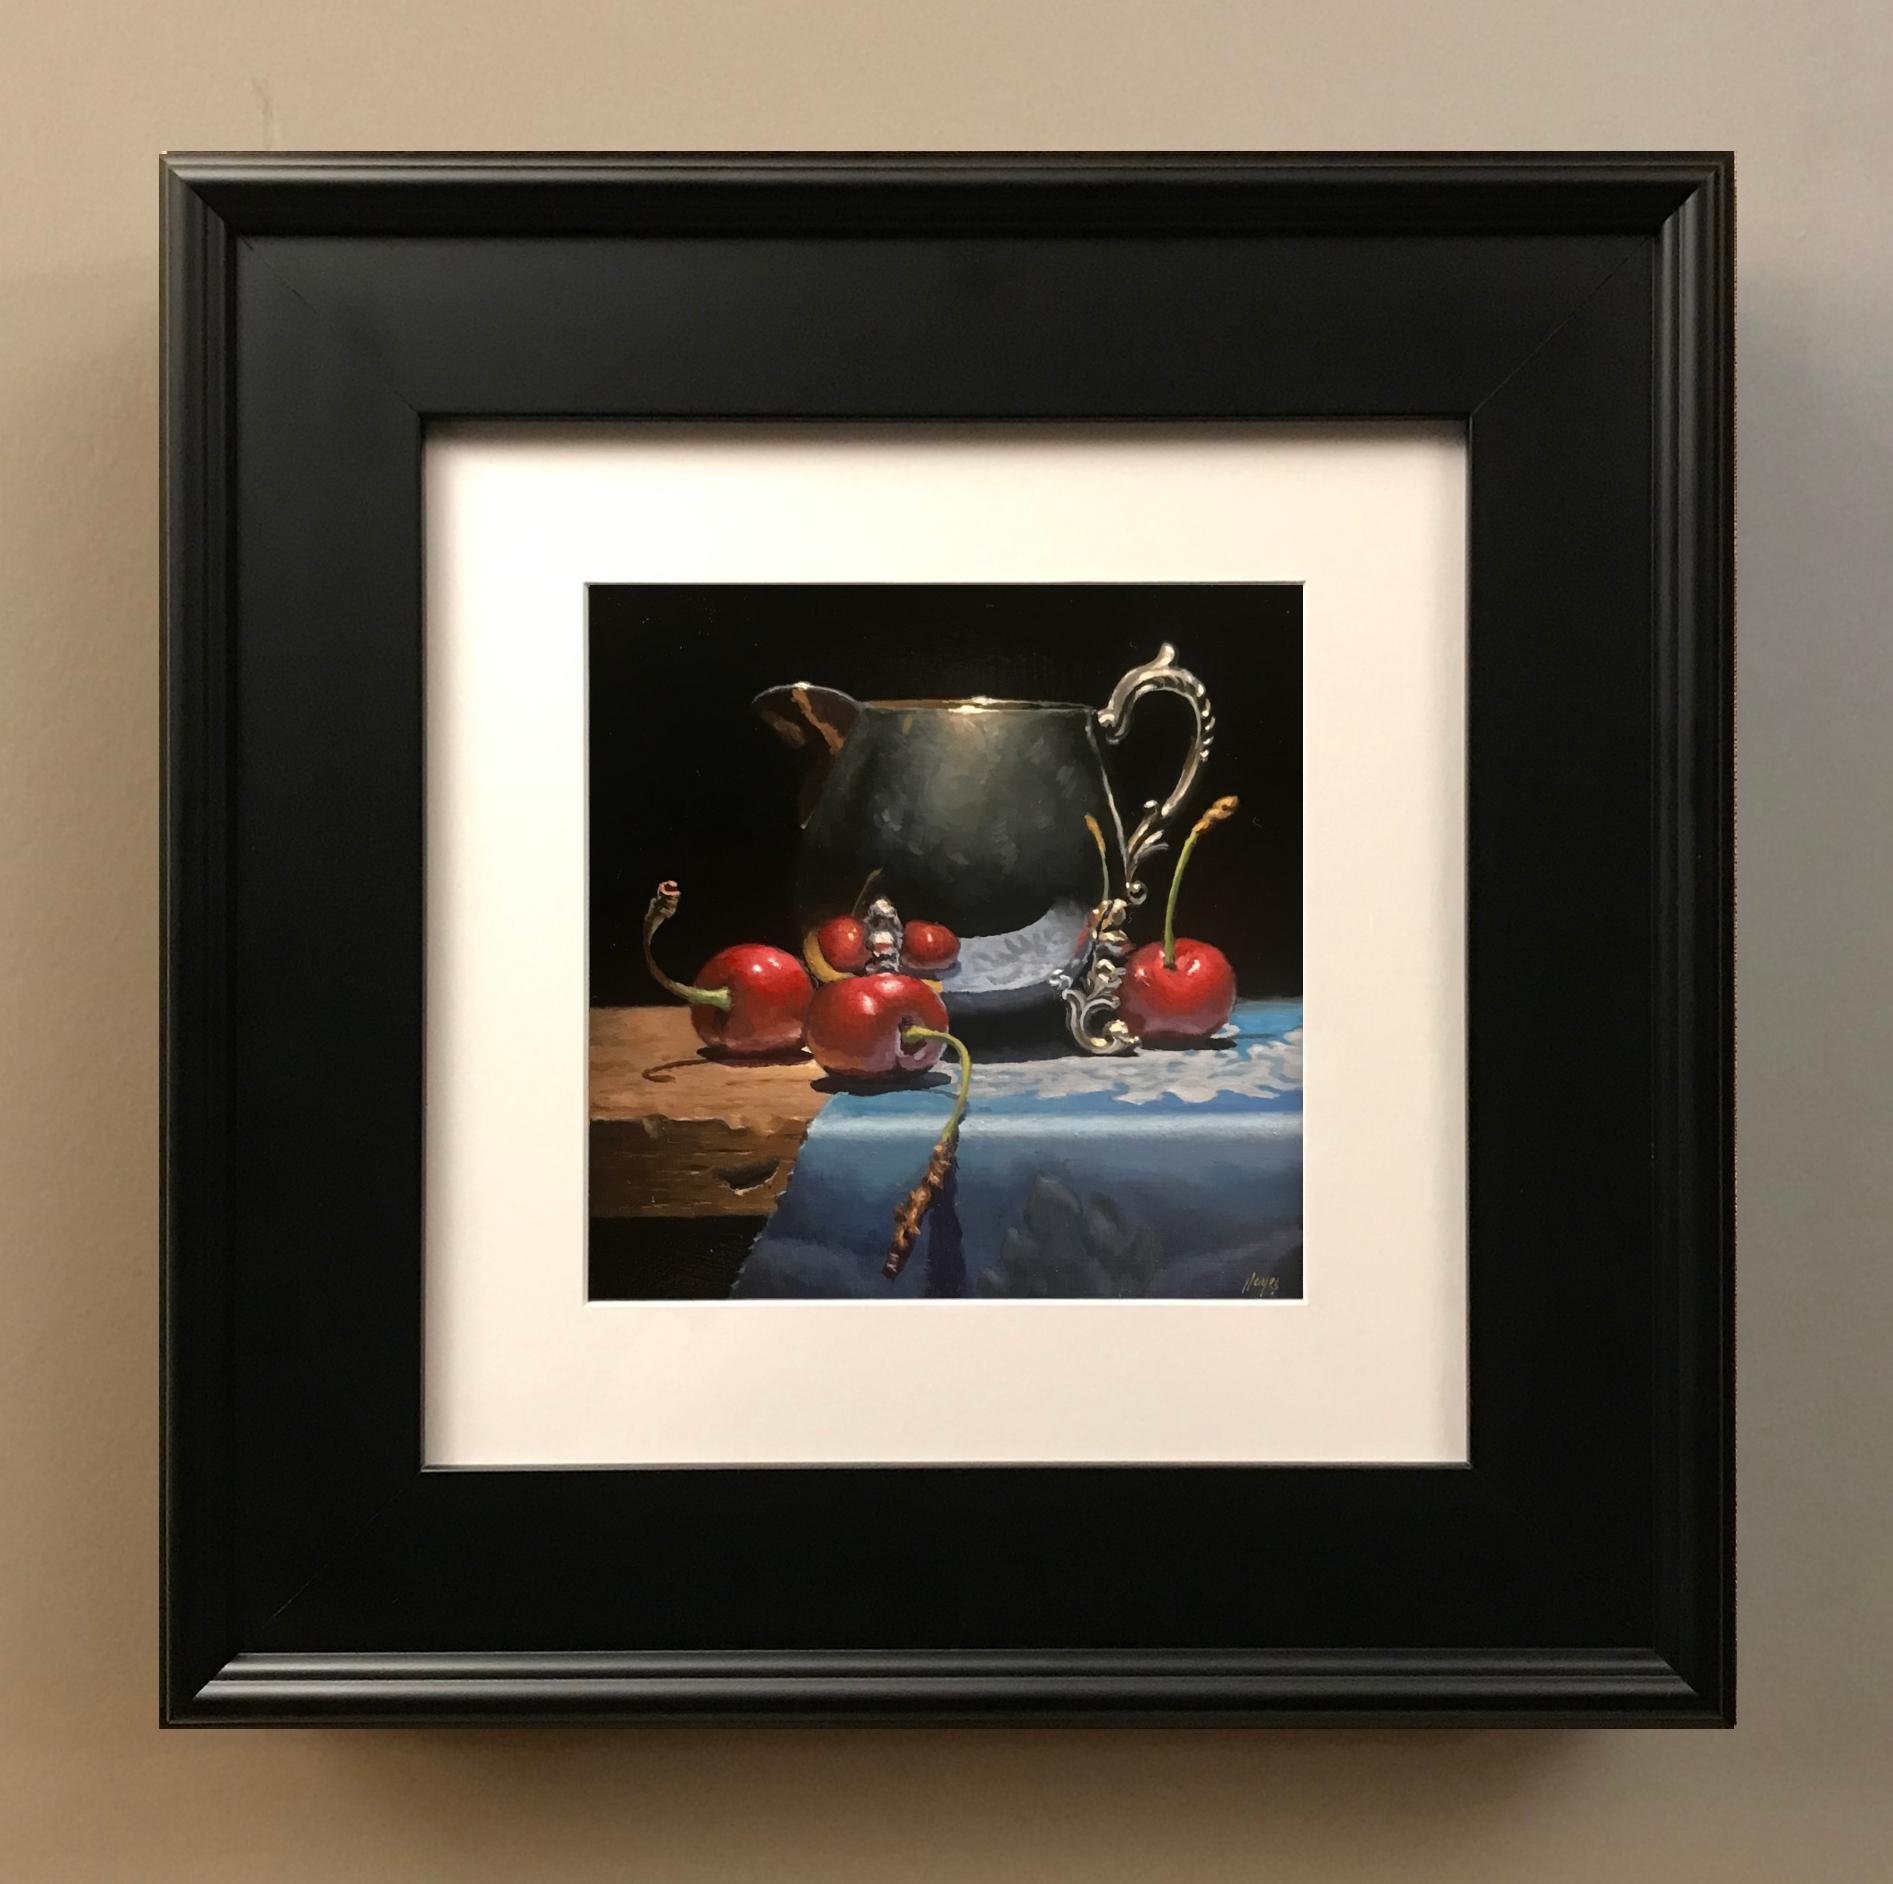 101424-print-plein-air-framed-black